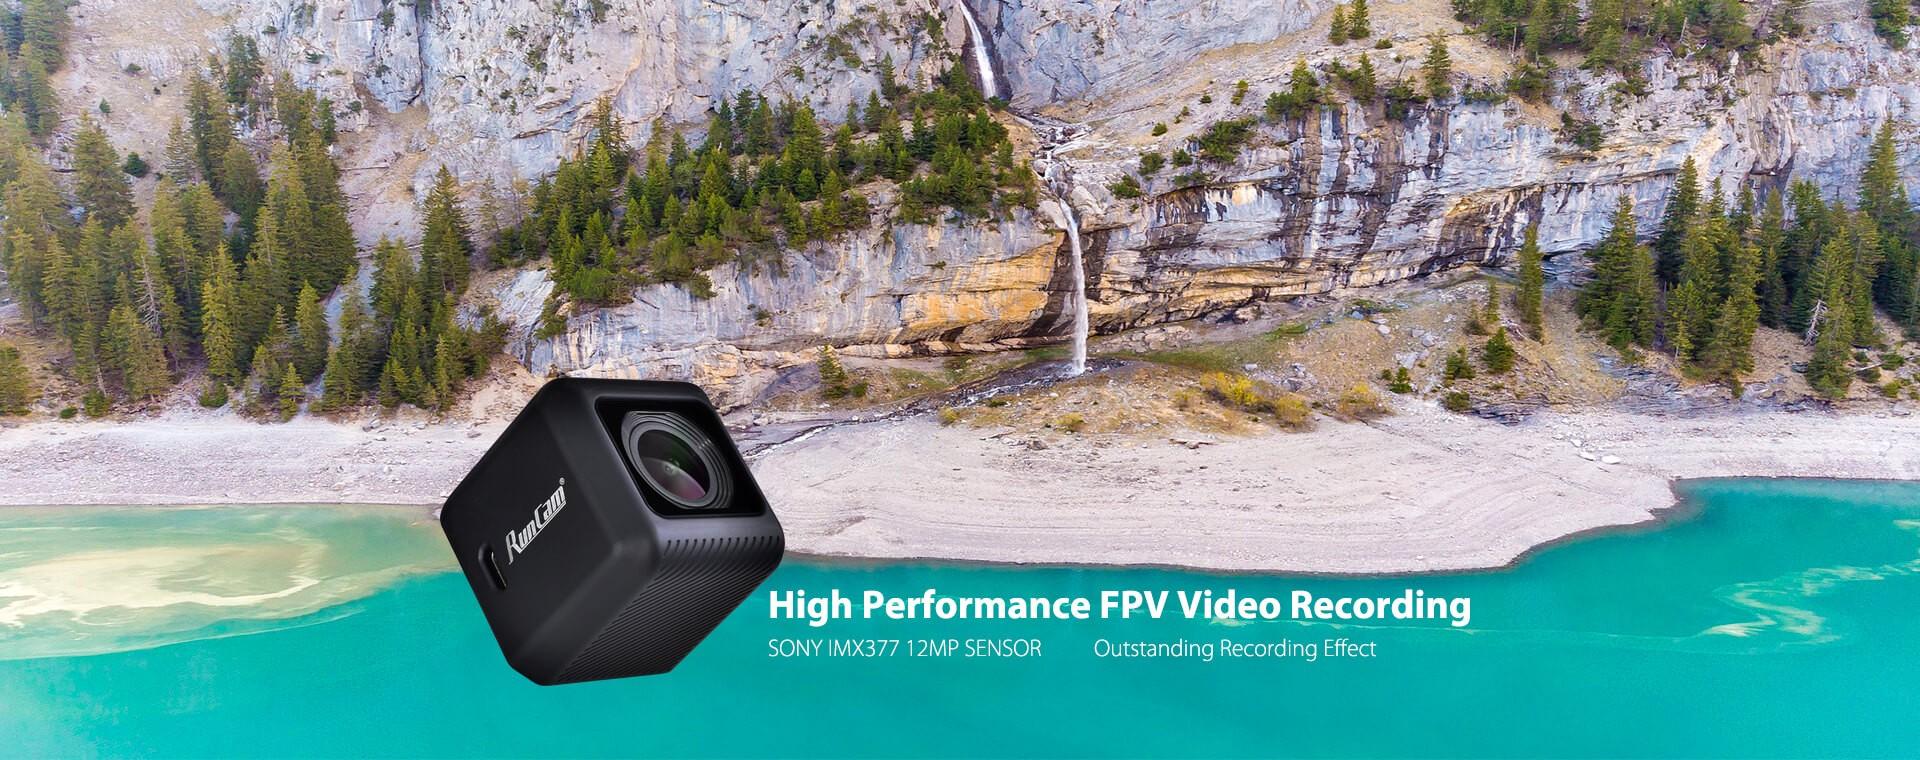 RunCam 5 4K HD Action Camera 3